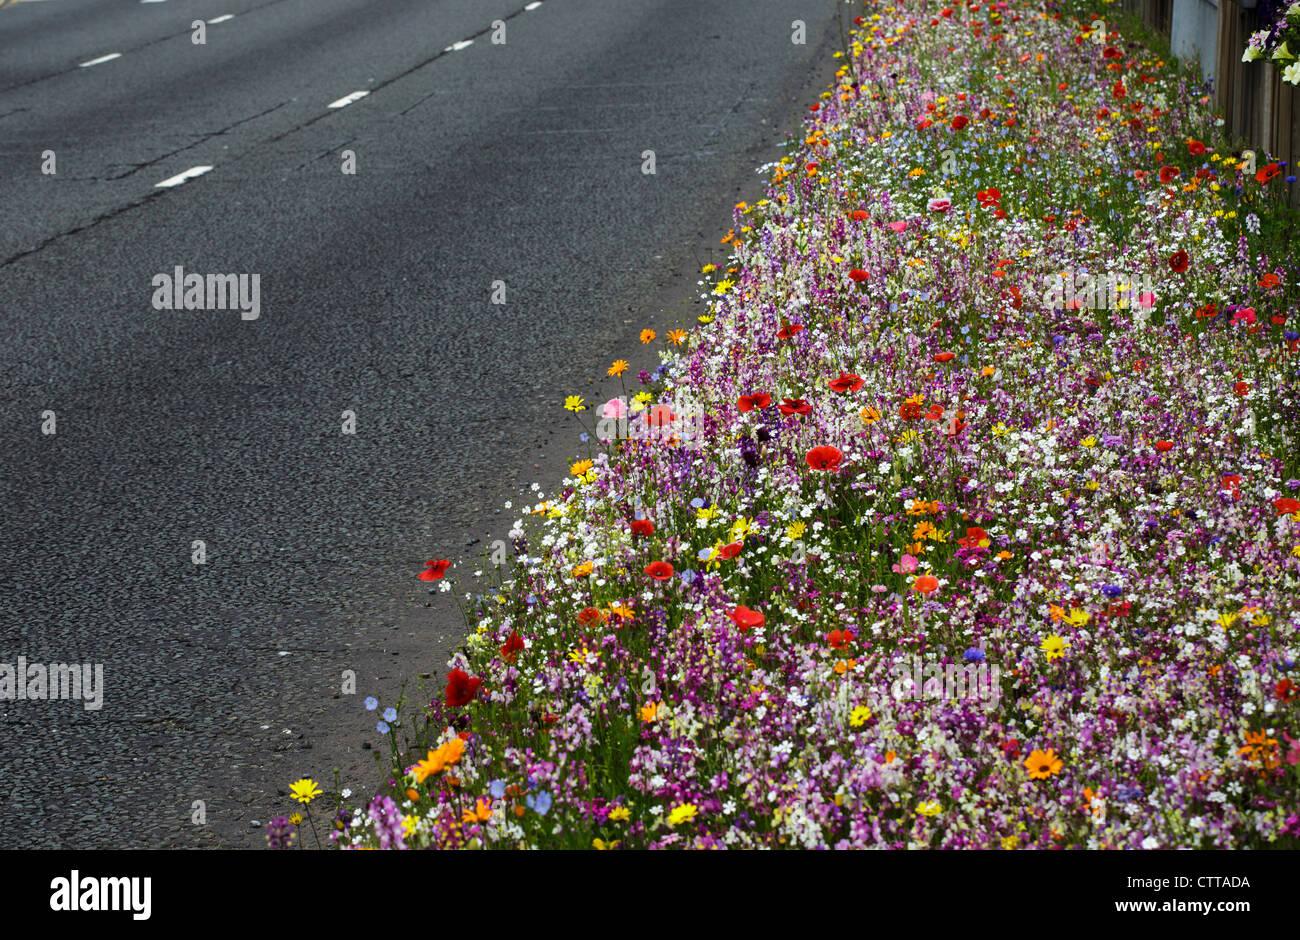 Wild flowers growing by a roadside in Birmingham, UK - Stock Image